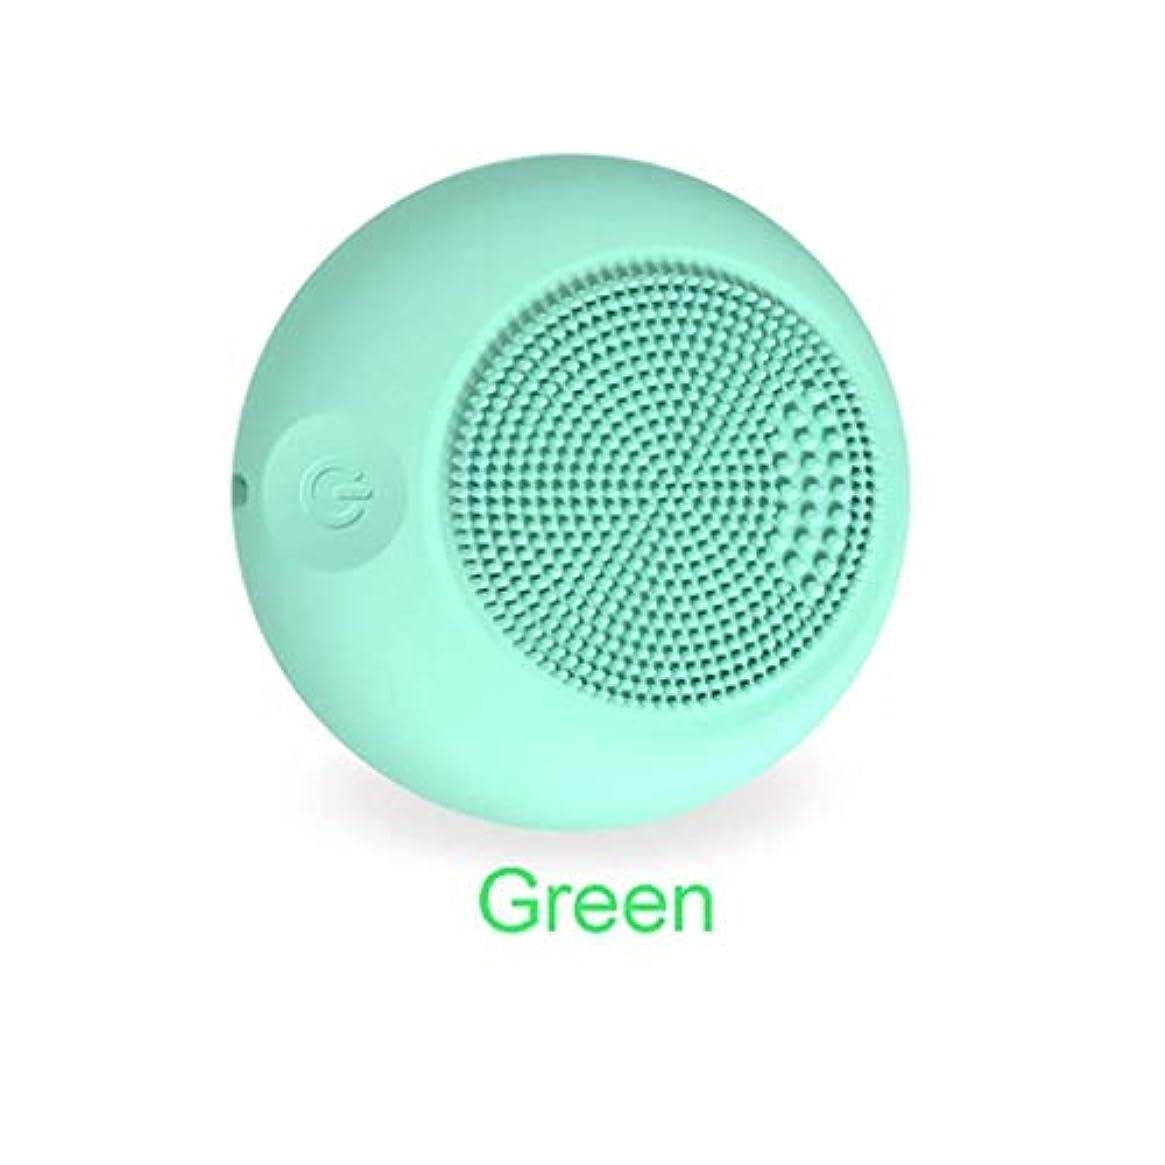 トレッド波紋実用的クレンジングブラシ、電動フェイシャルマッサージ、振動シリコンフェイシャルディープクリーン電気防水マッサージクレンザー (Color : 緑)